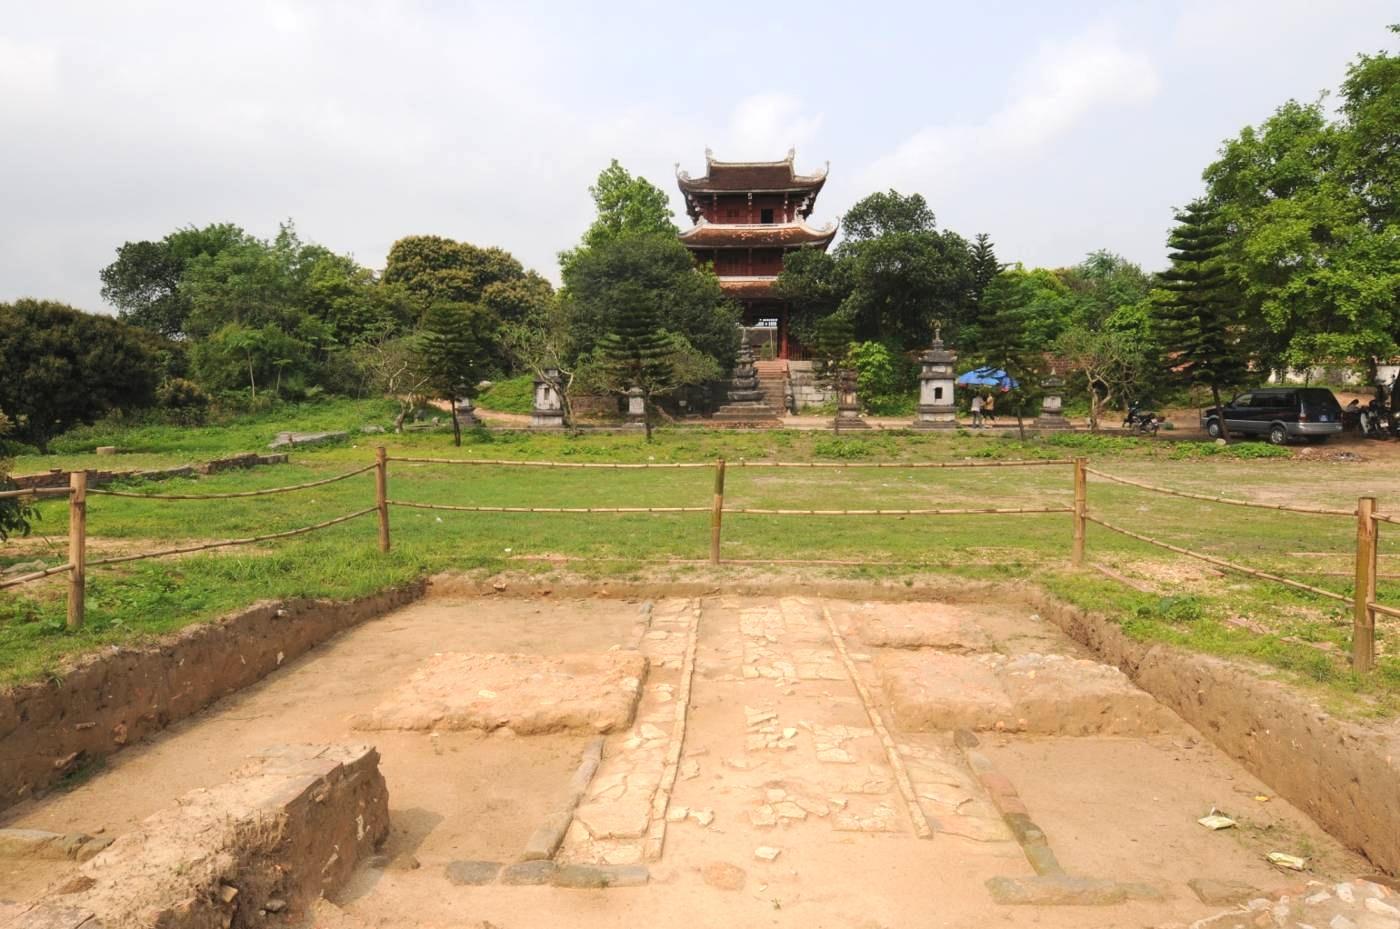 Ngôi chùa nghìn năm tuổi  - Trường Đại học phật giáo đầu tiên ở Việt Nam - 3